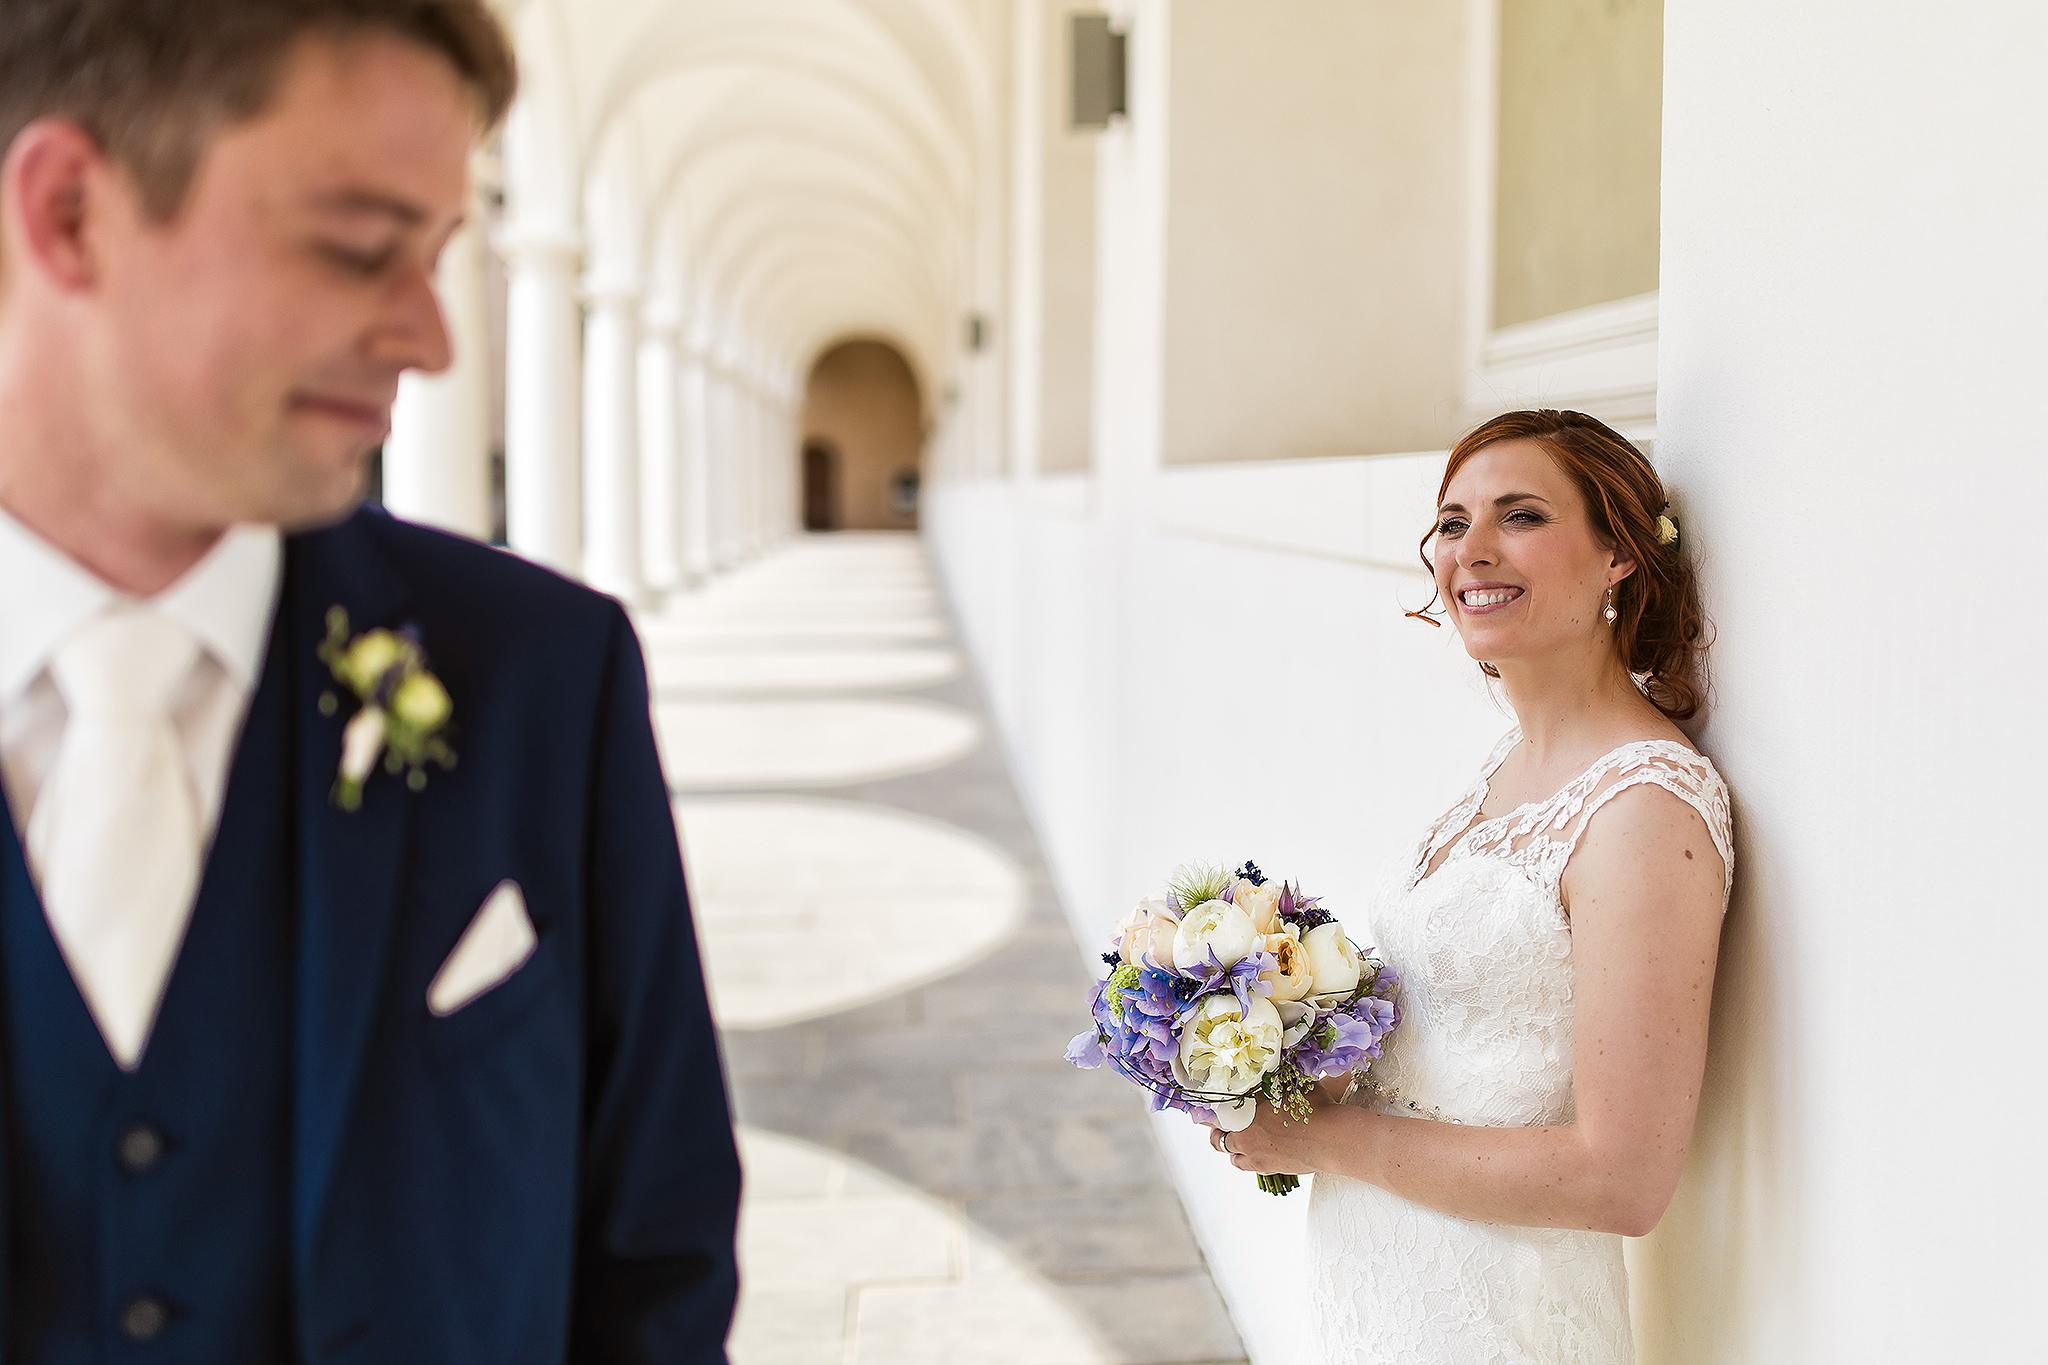 Ist es in Ordnung, einen geschiedenen Mann zu heiraten?